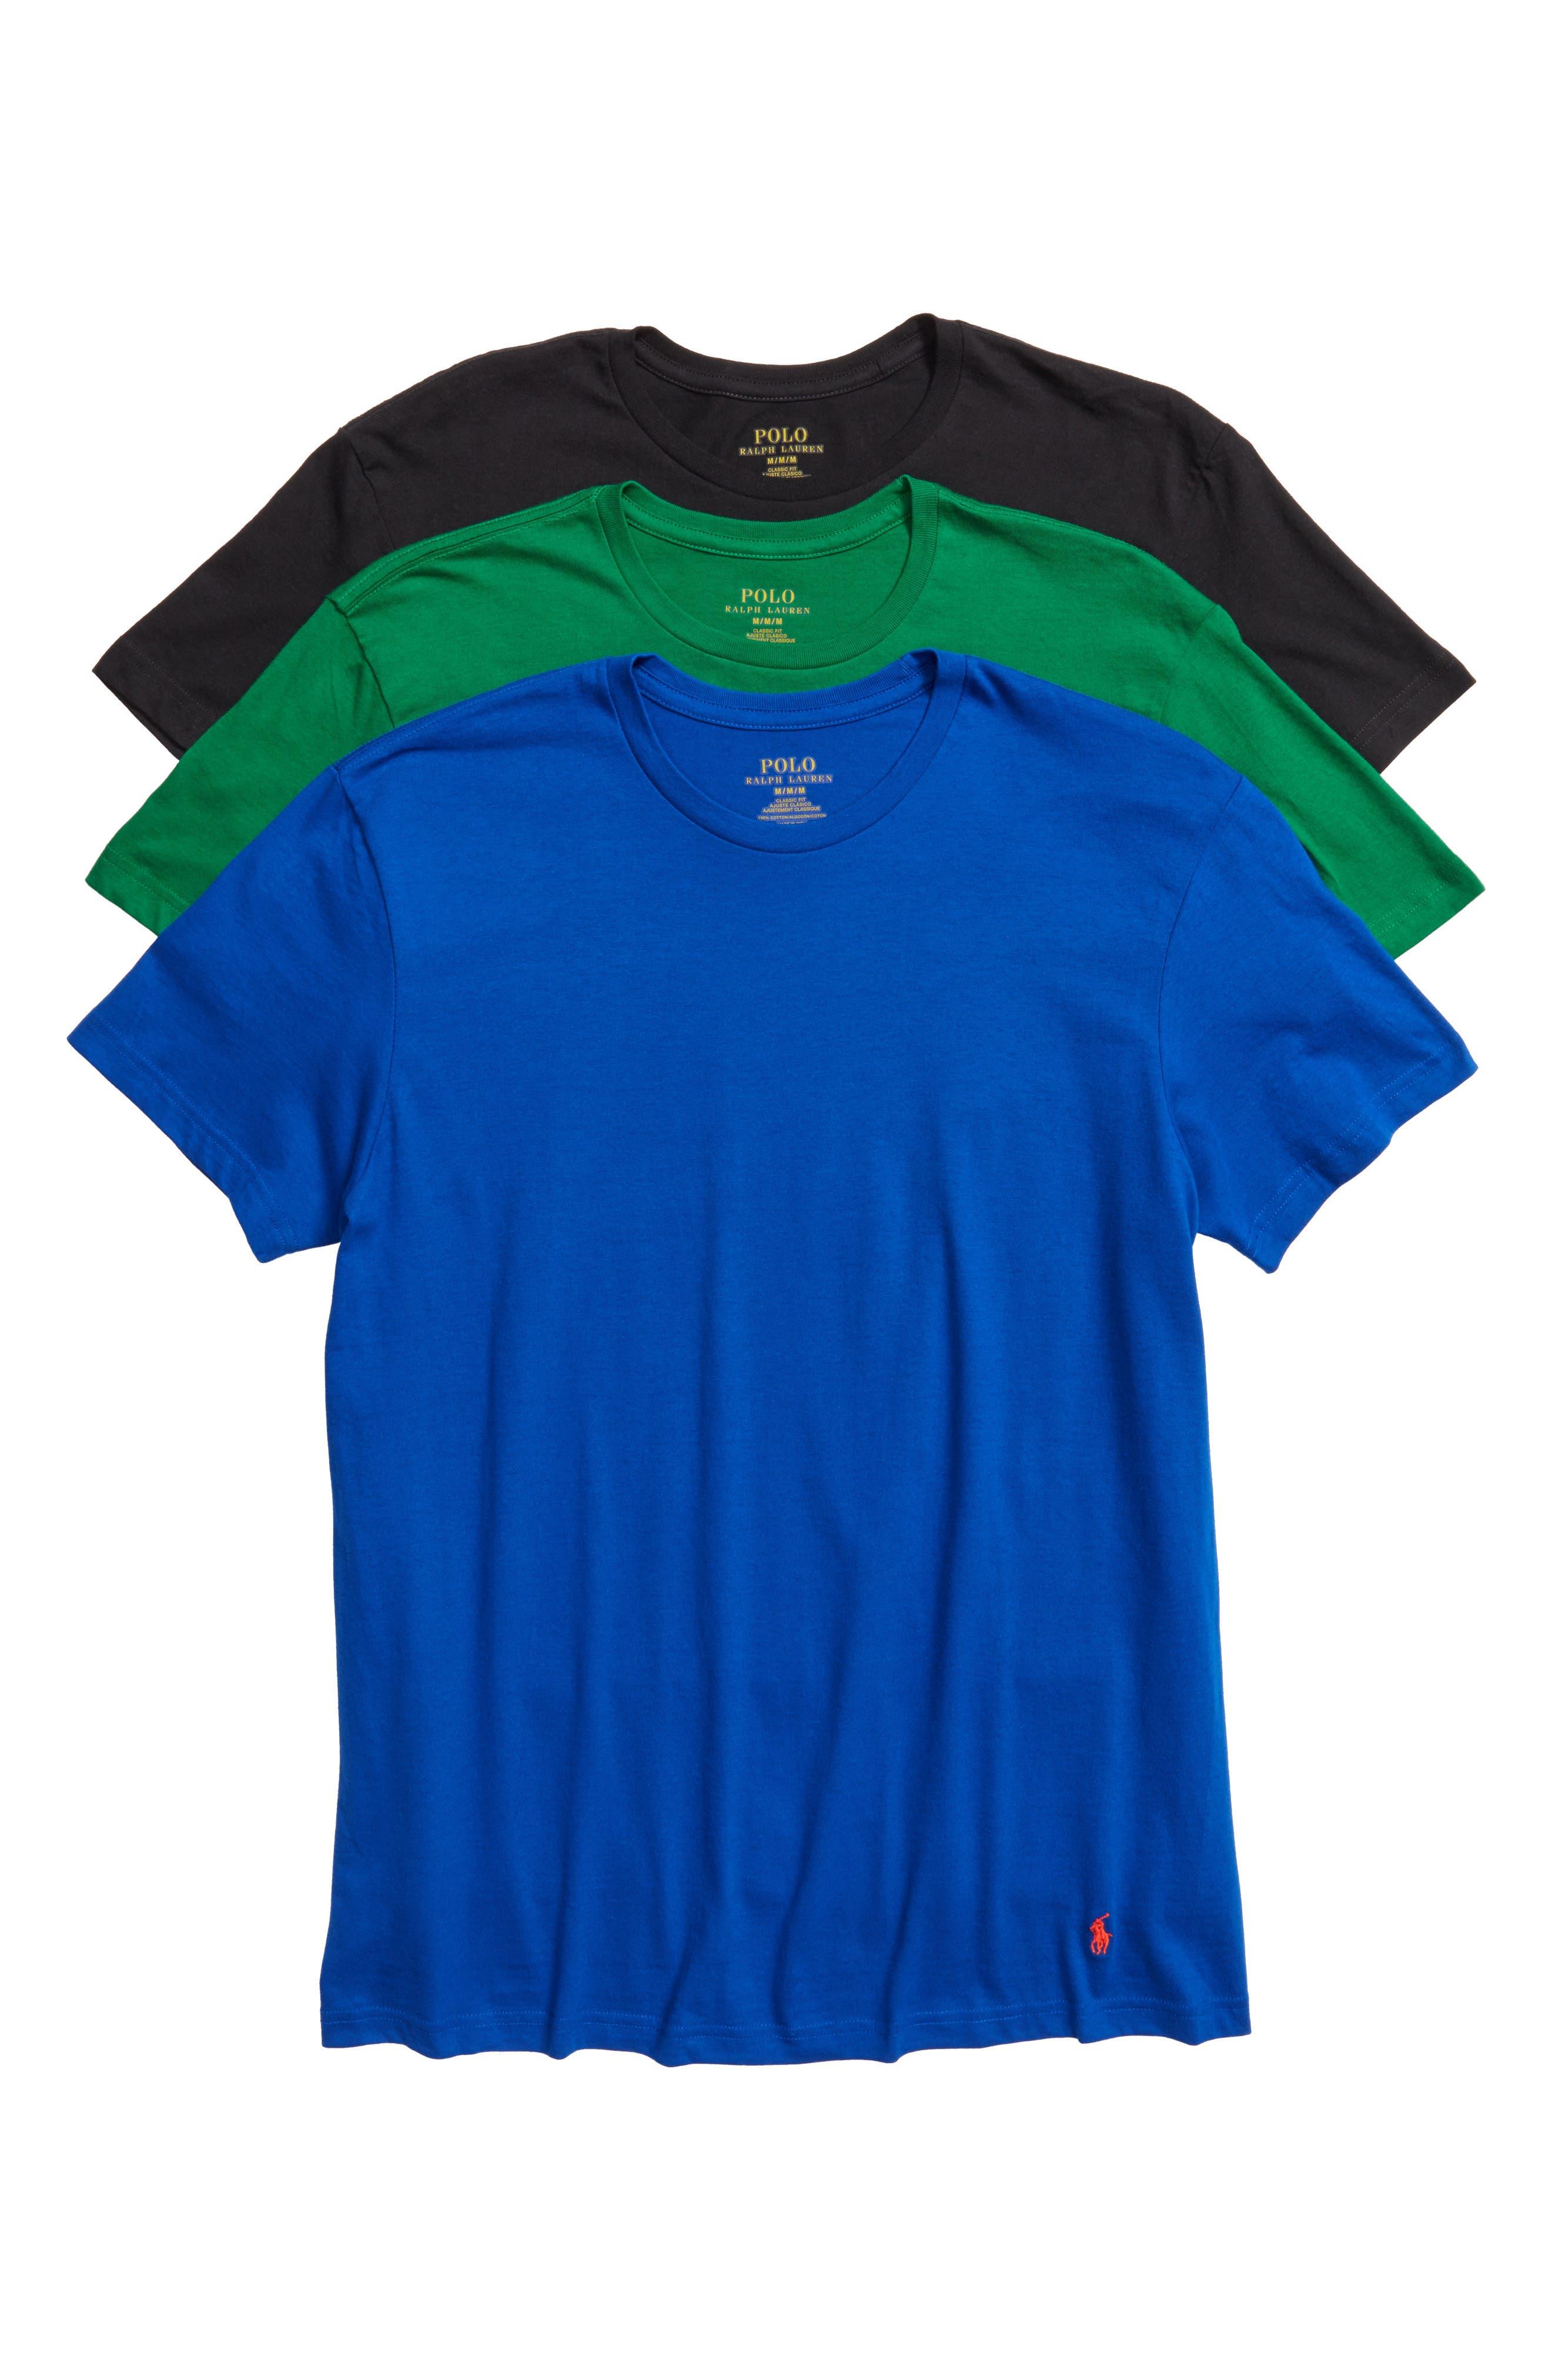 3-Pack Crewneck Cotton T-Shirts,                             Main thumbnail 1, color,                             001